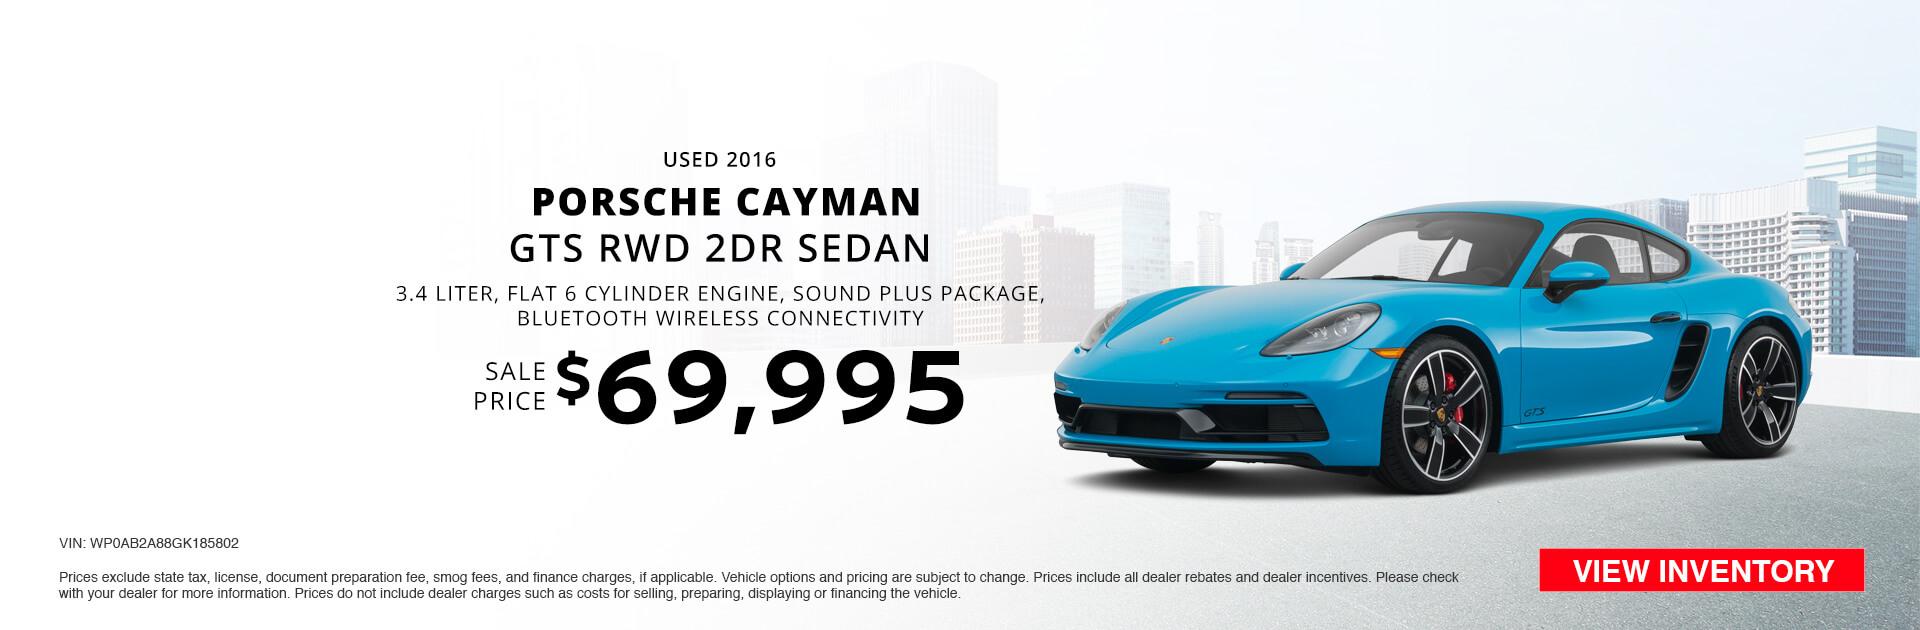 Used 2016 Porsche